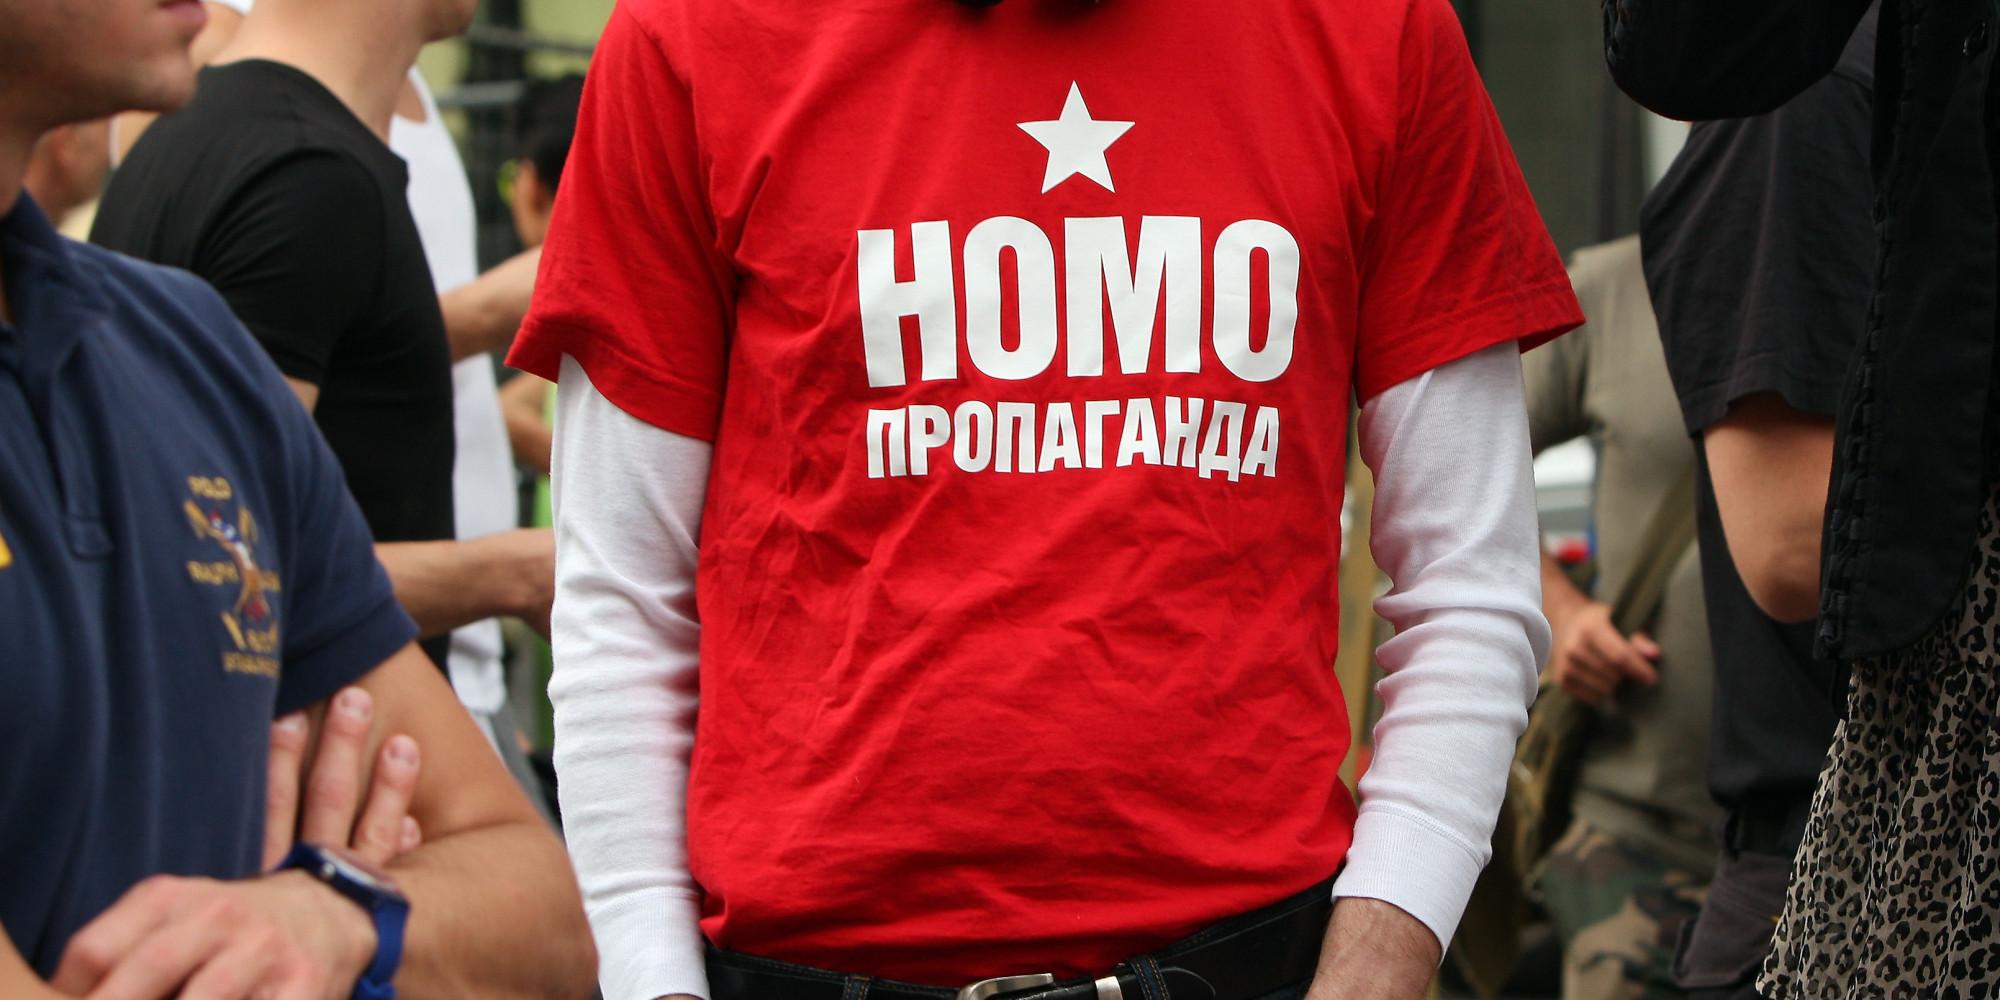 vidéo gay gratuite escort luxeuil